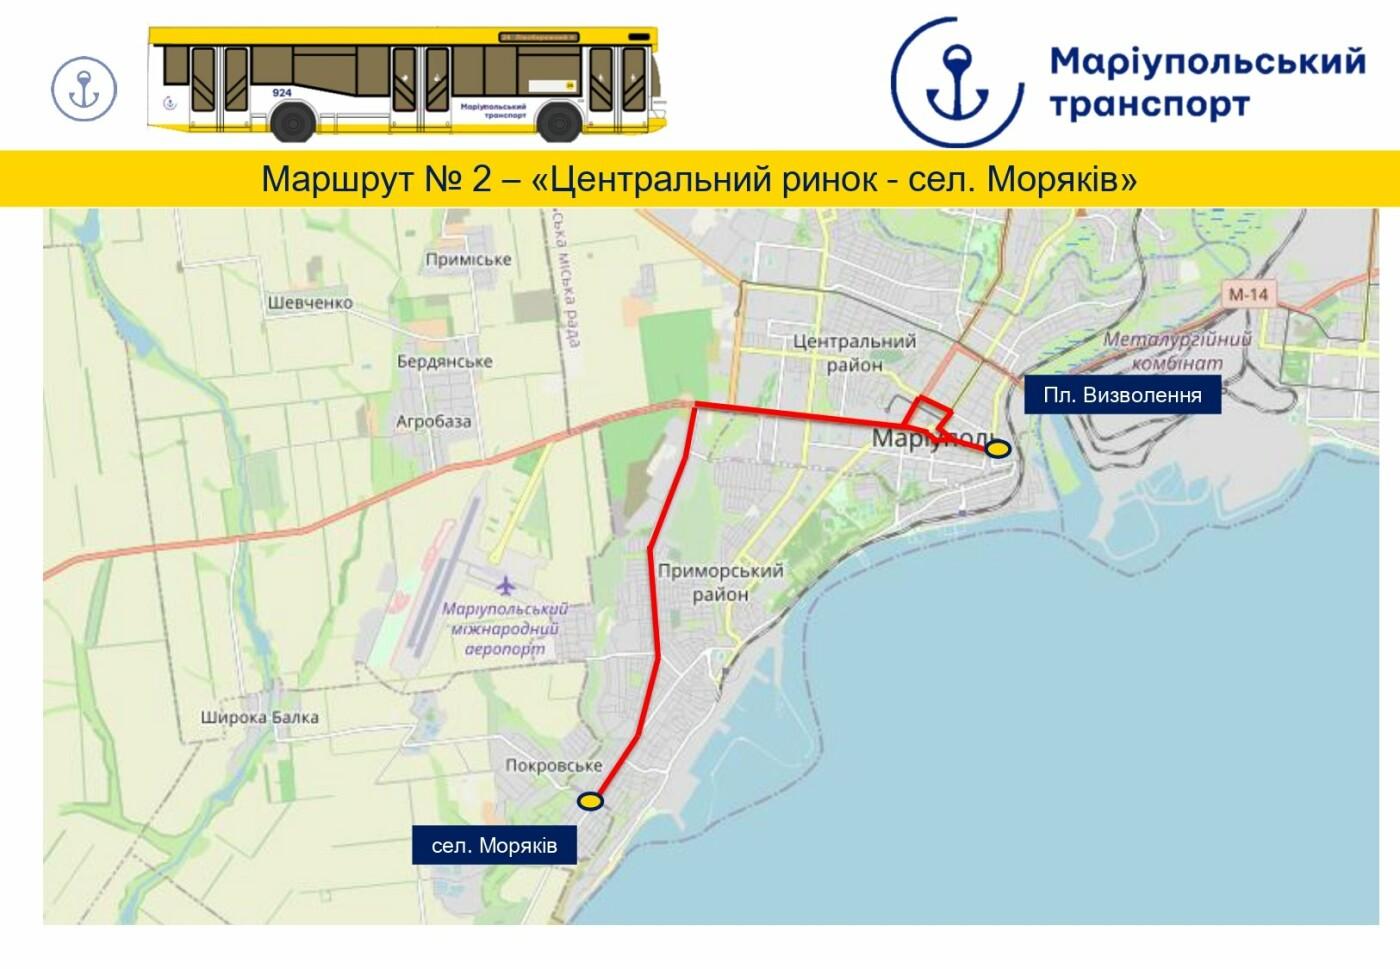 Перемены в транспорте: в Мариуполе отменили ряд маршрутных такси и изменили движение автобусов, фото-1